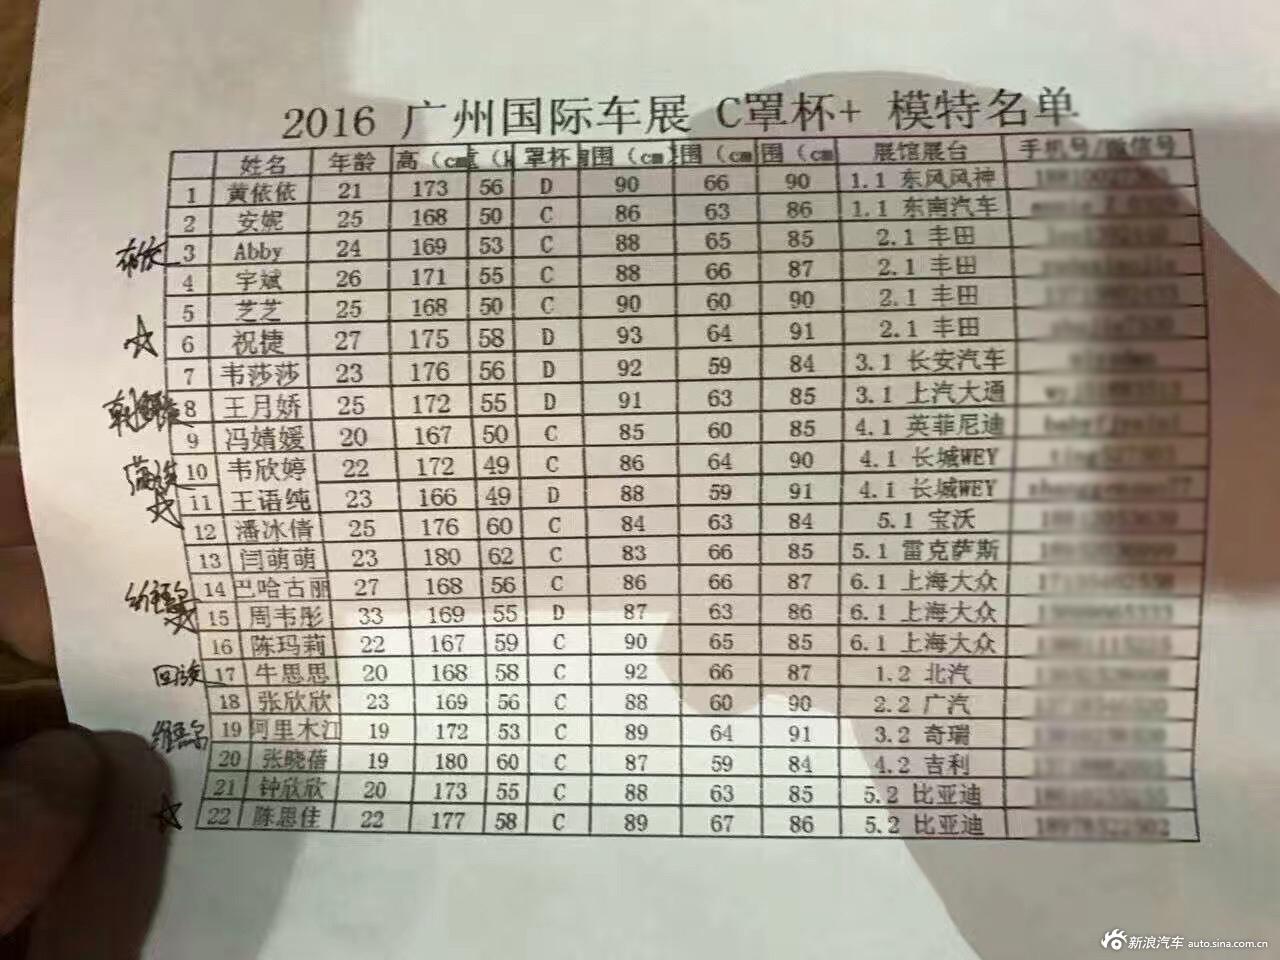 2016广州国际车展C+车模名单曝光